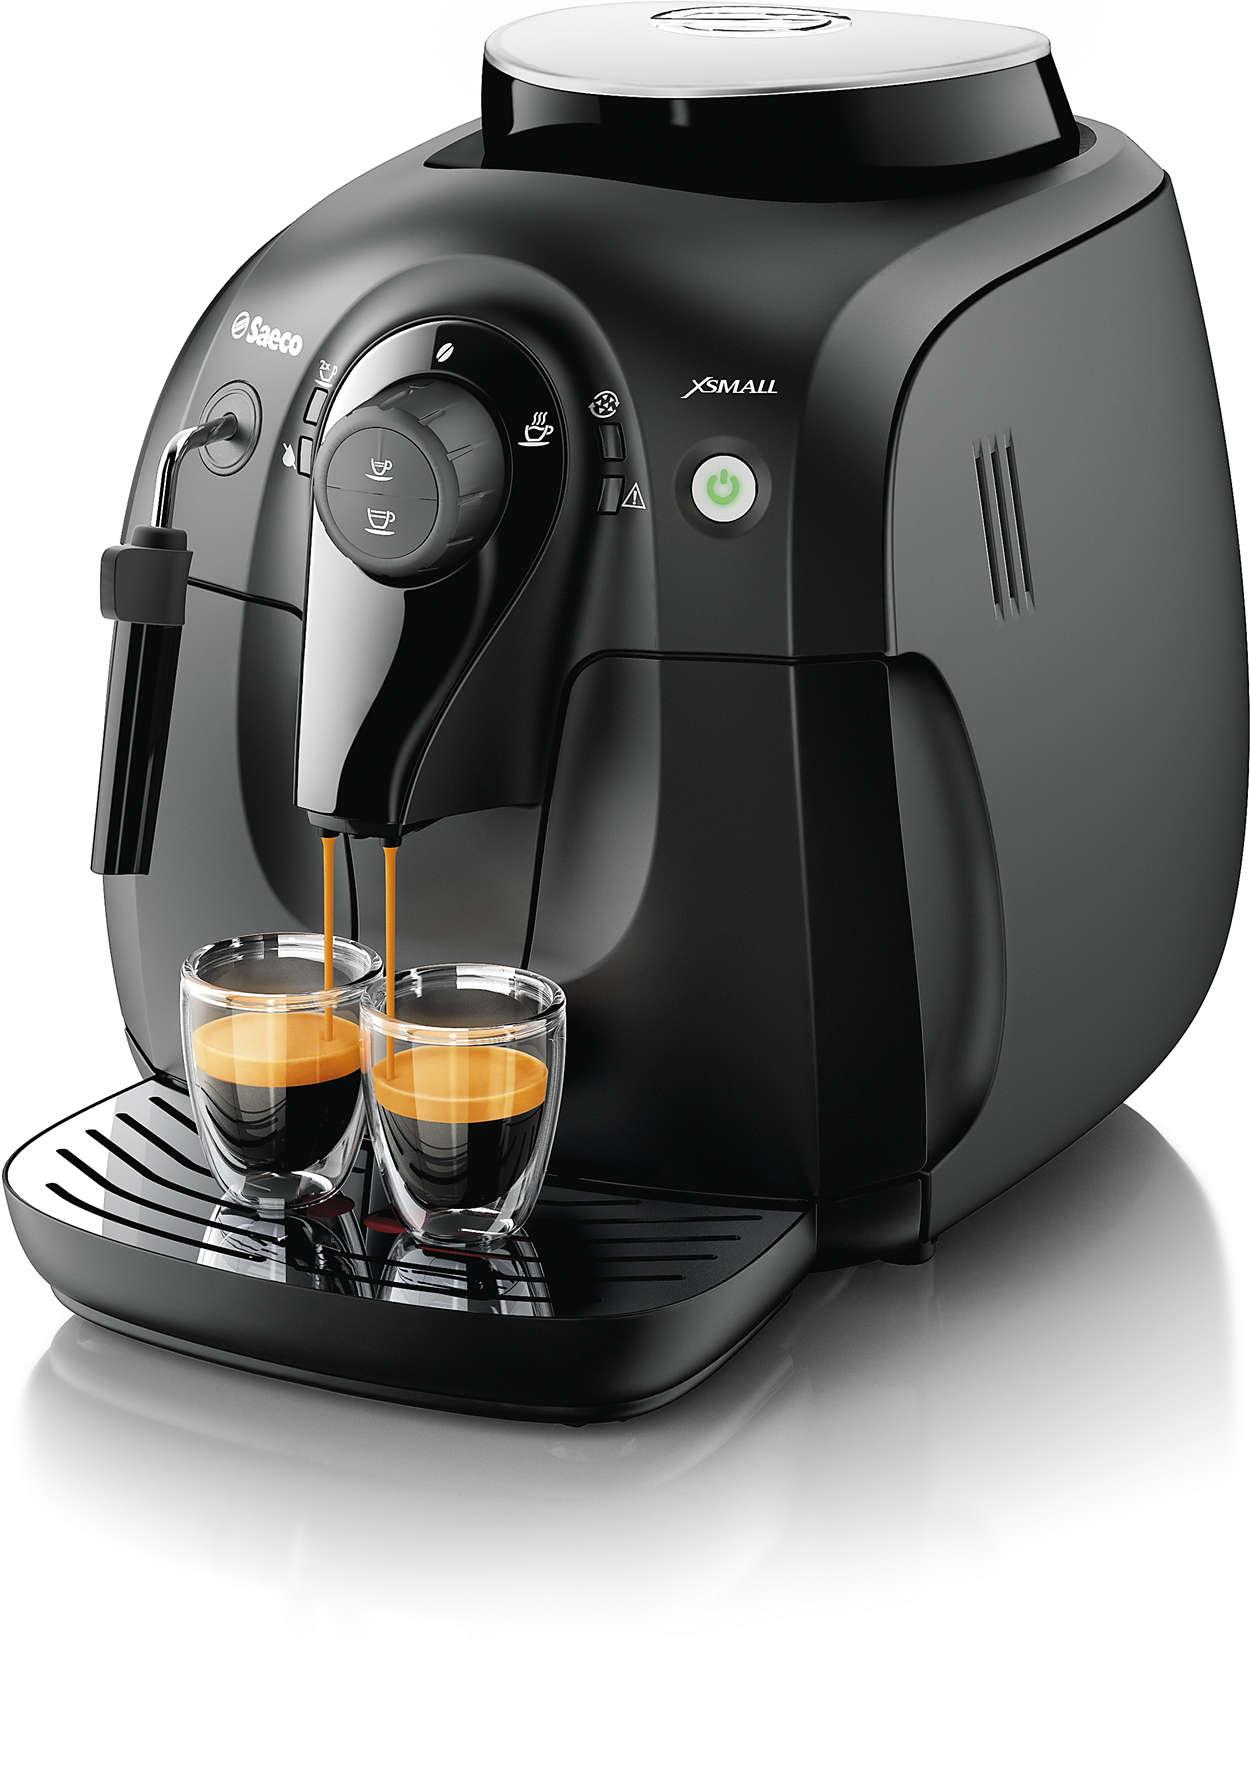 Saboreie o aroma dos seus grãos de café favoritos